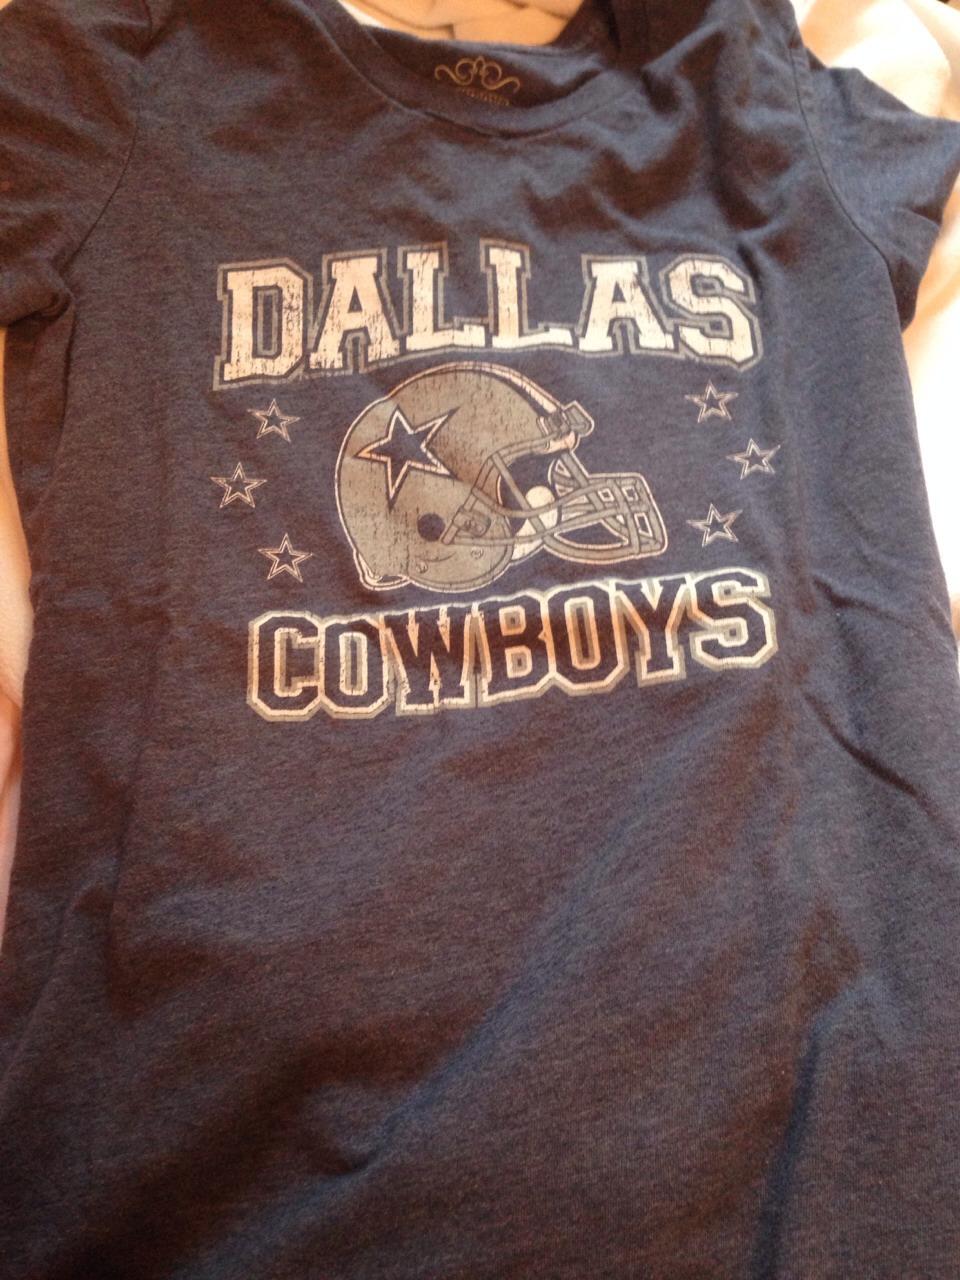 Go Dallas cowboys